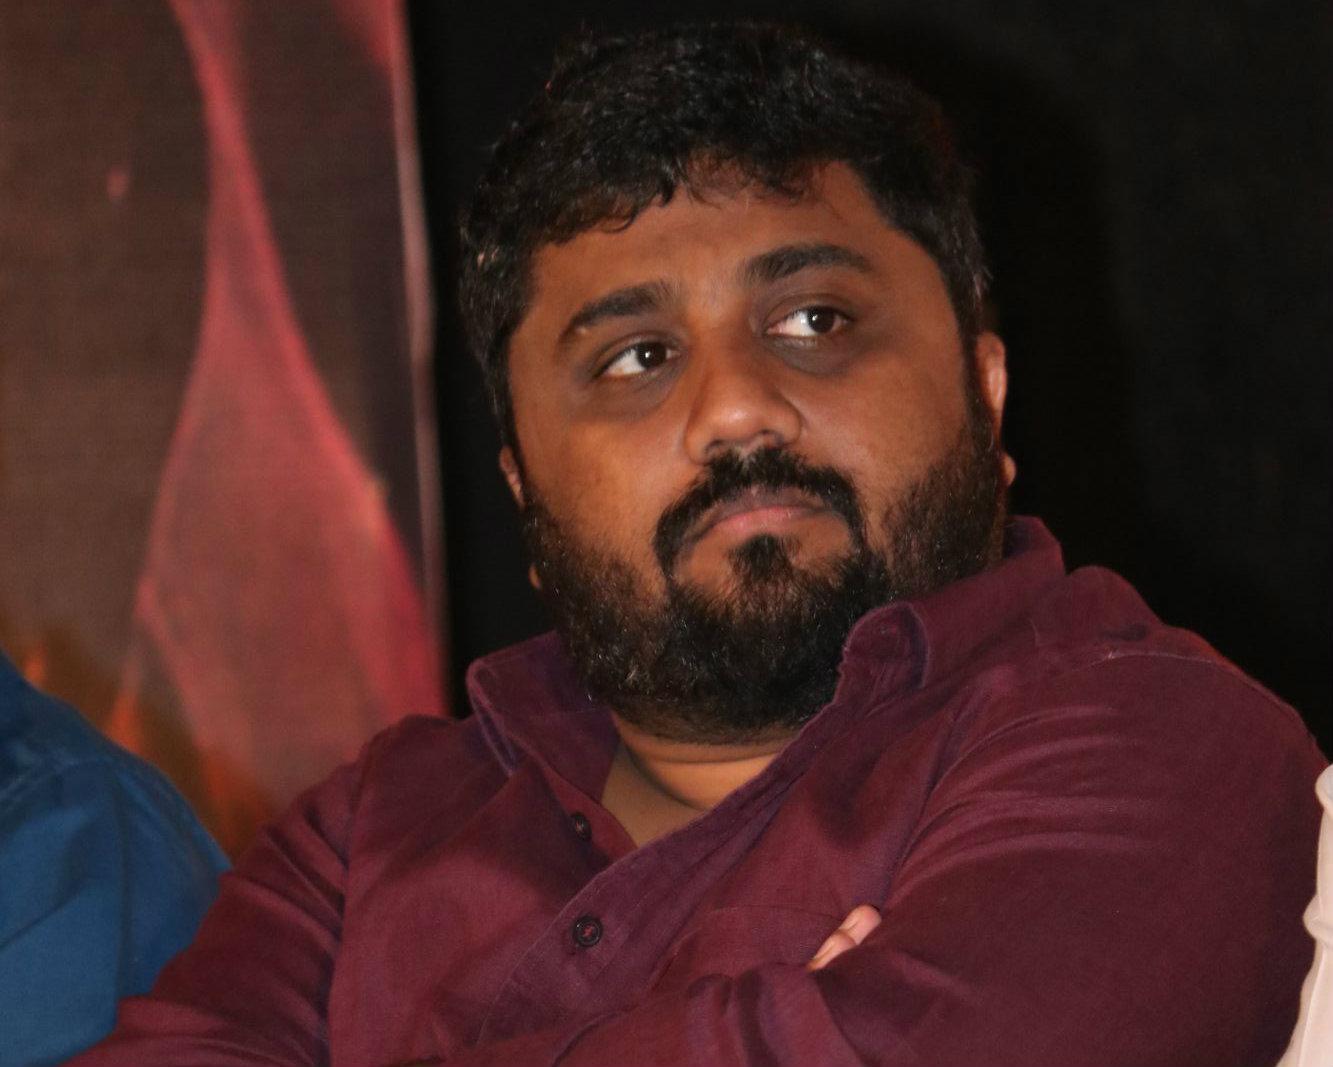 ஞானவேல் ராஜா தமிழ் ராக்கர்ஸ் மோதல்